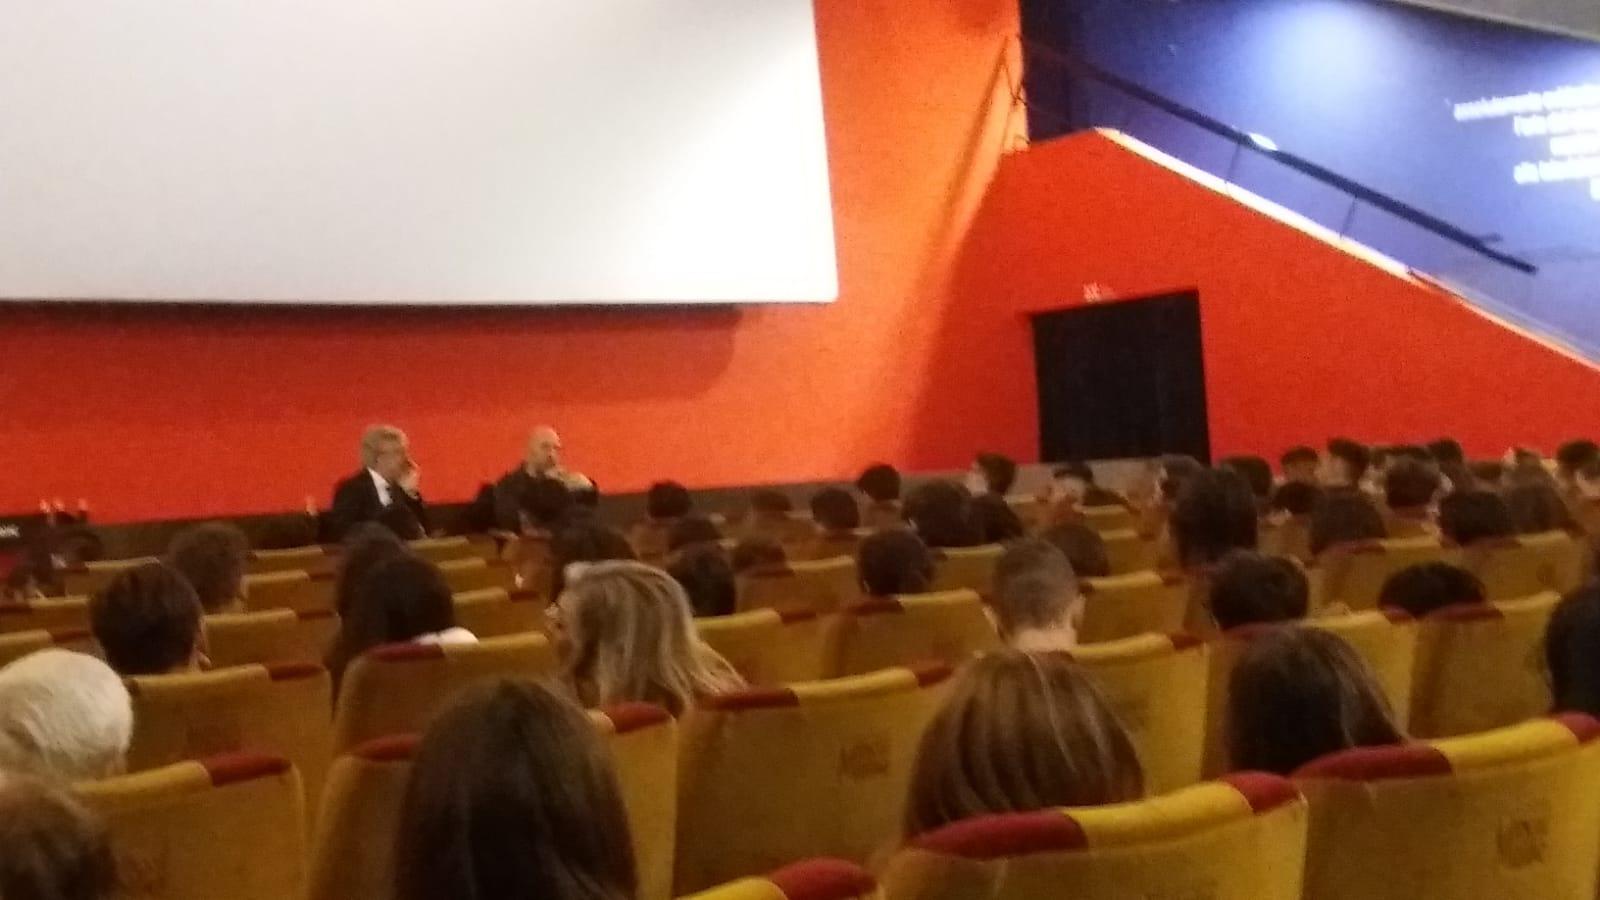 Incontro con l\' autore - Cinema Modernissimo